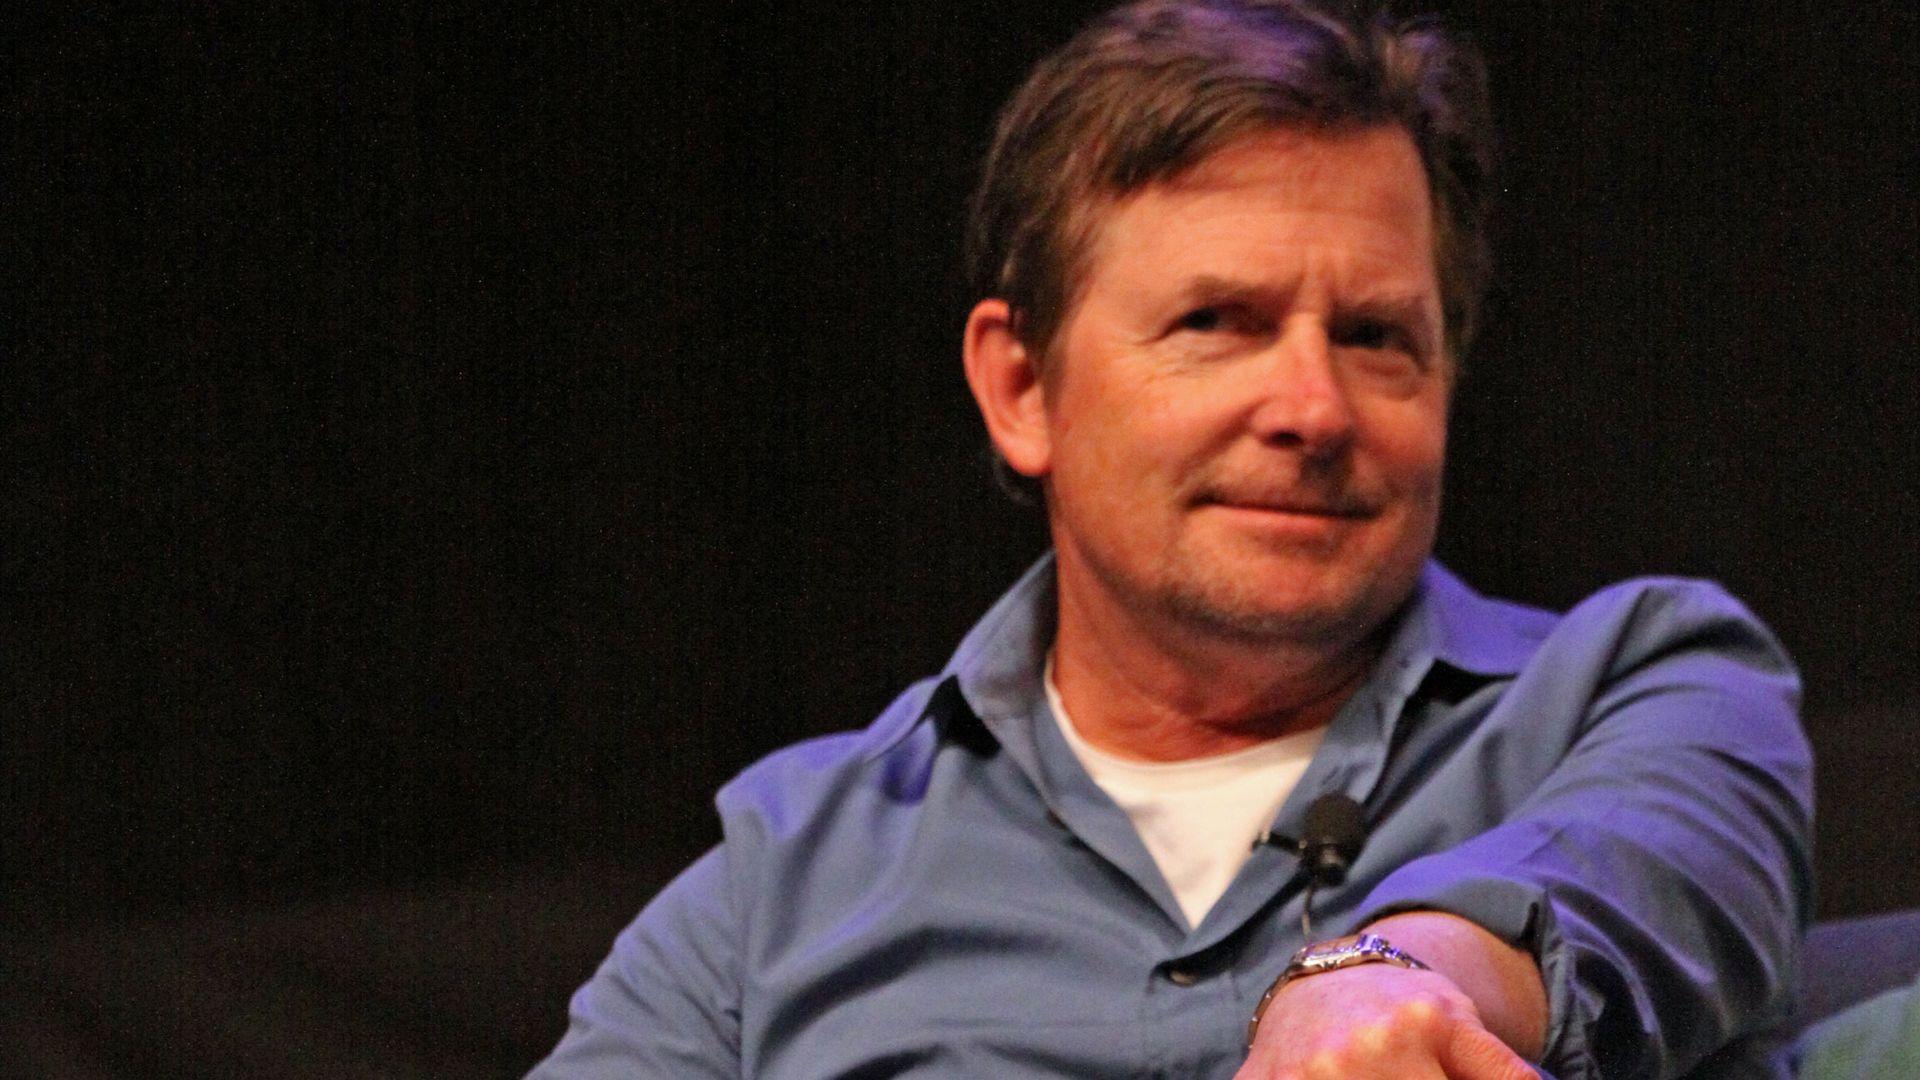 Bewegend Michael J Fox Spricht 252 Ber 25 Jahre Mit